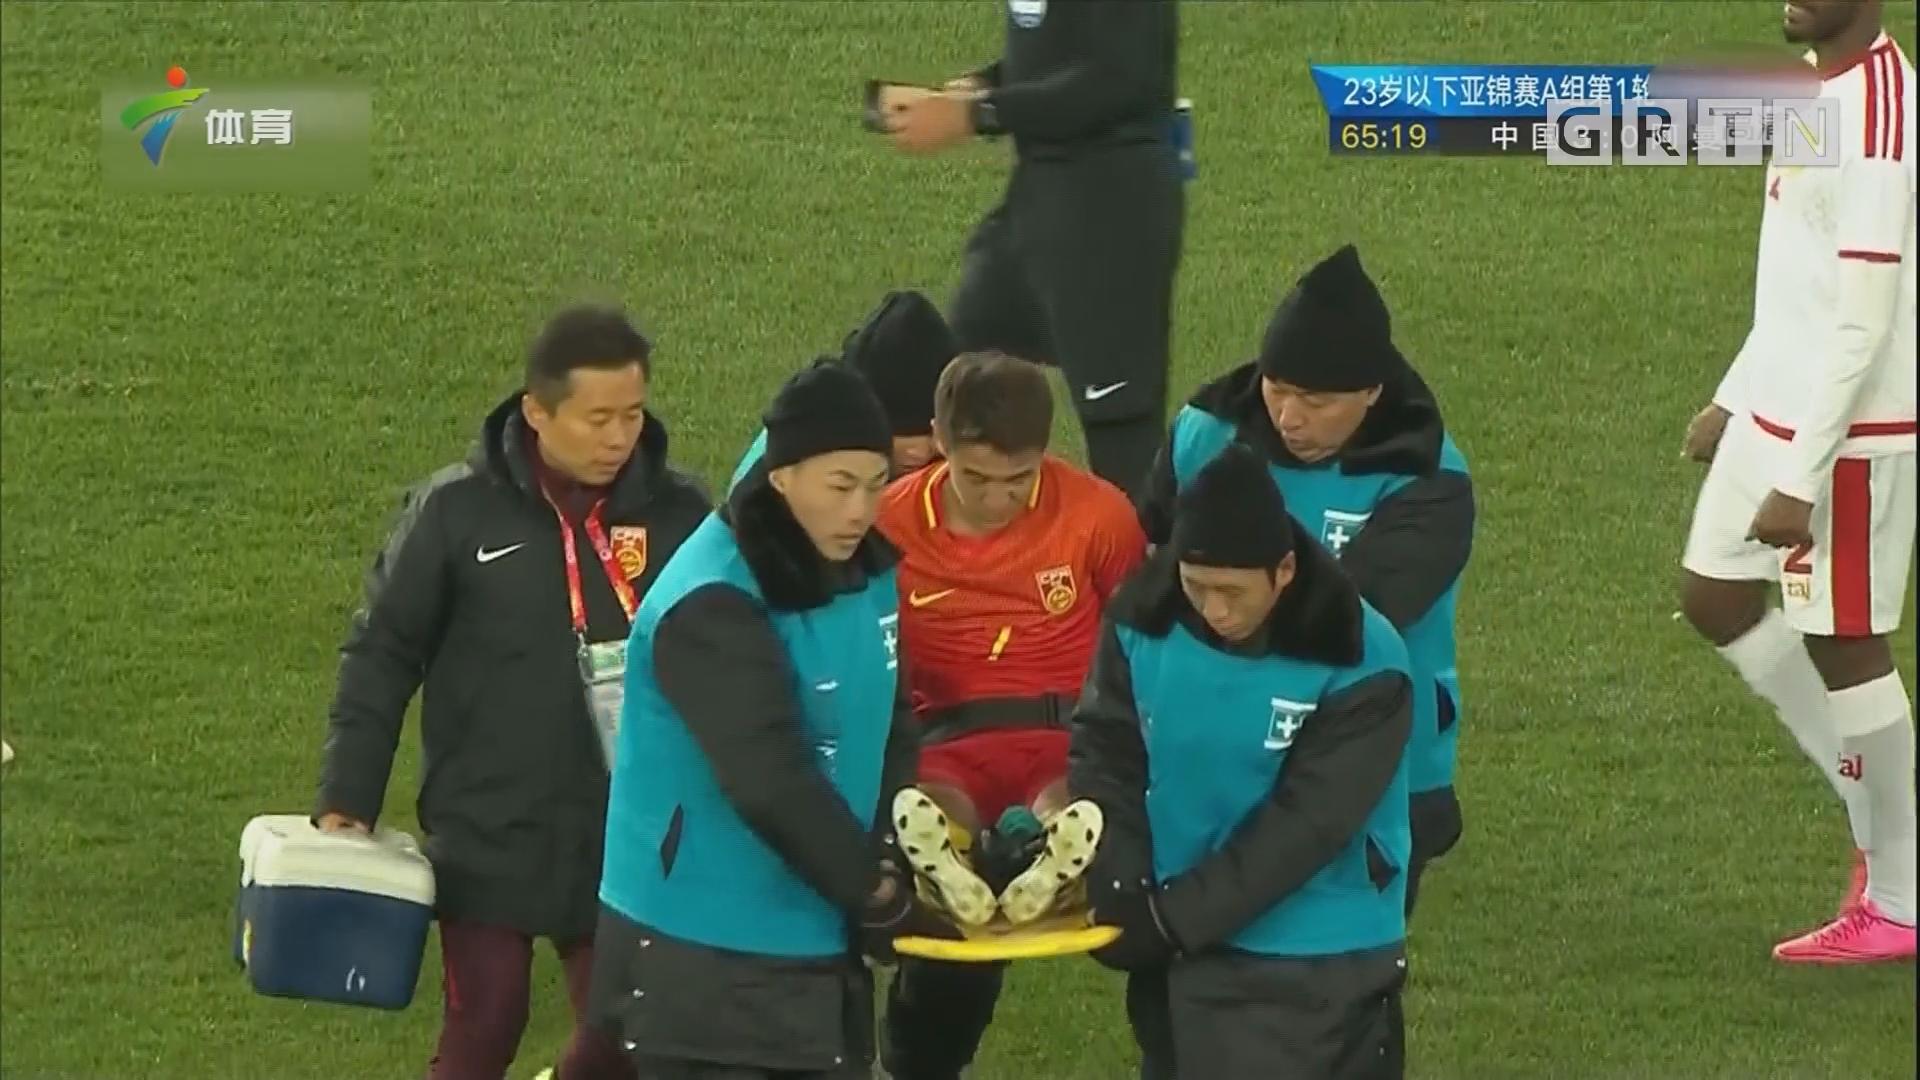 U23亚洲杯 中国队取得开门红